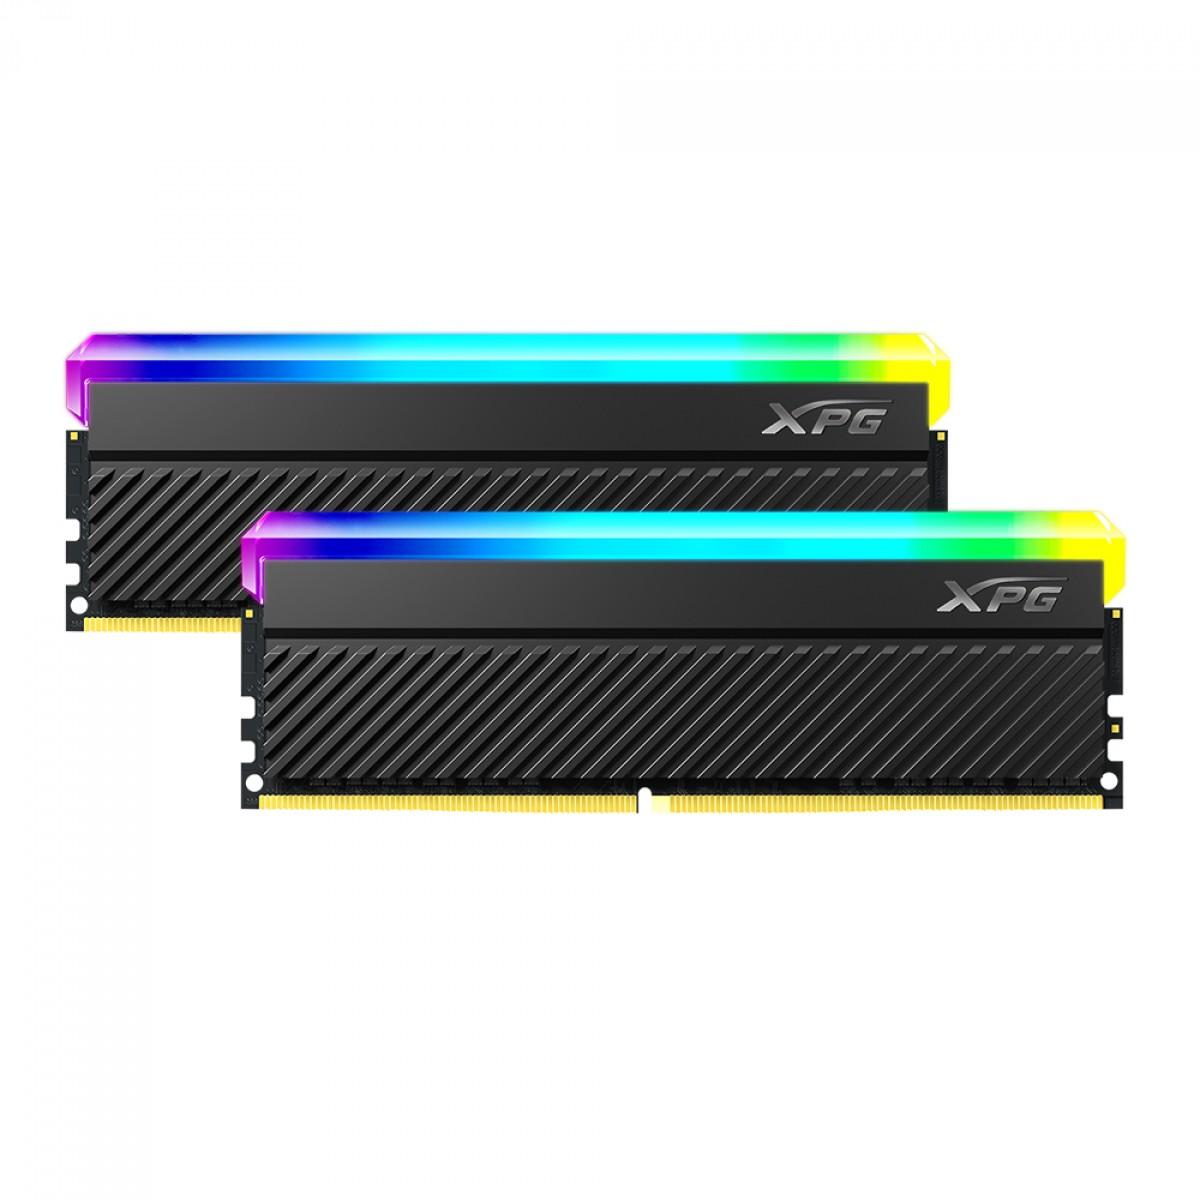 Memória DDR4 XPG Spectrix Gammix D45, RGB, 32GB (2X16GB), 3600MHz, Black, AX4U360016G18I-DCBKD45G